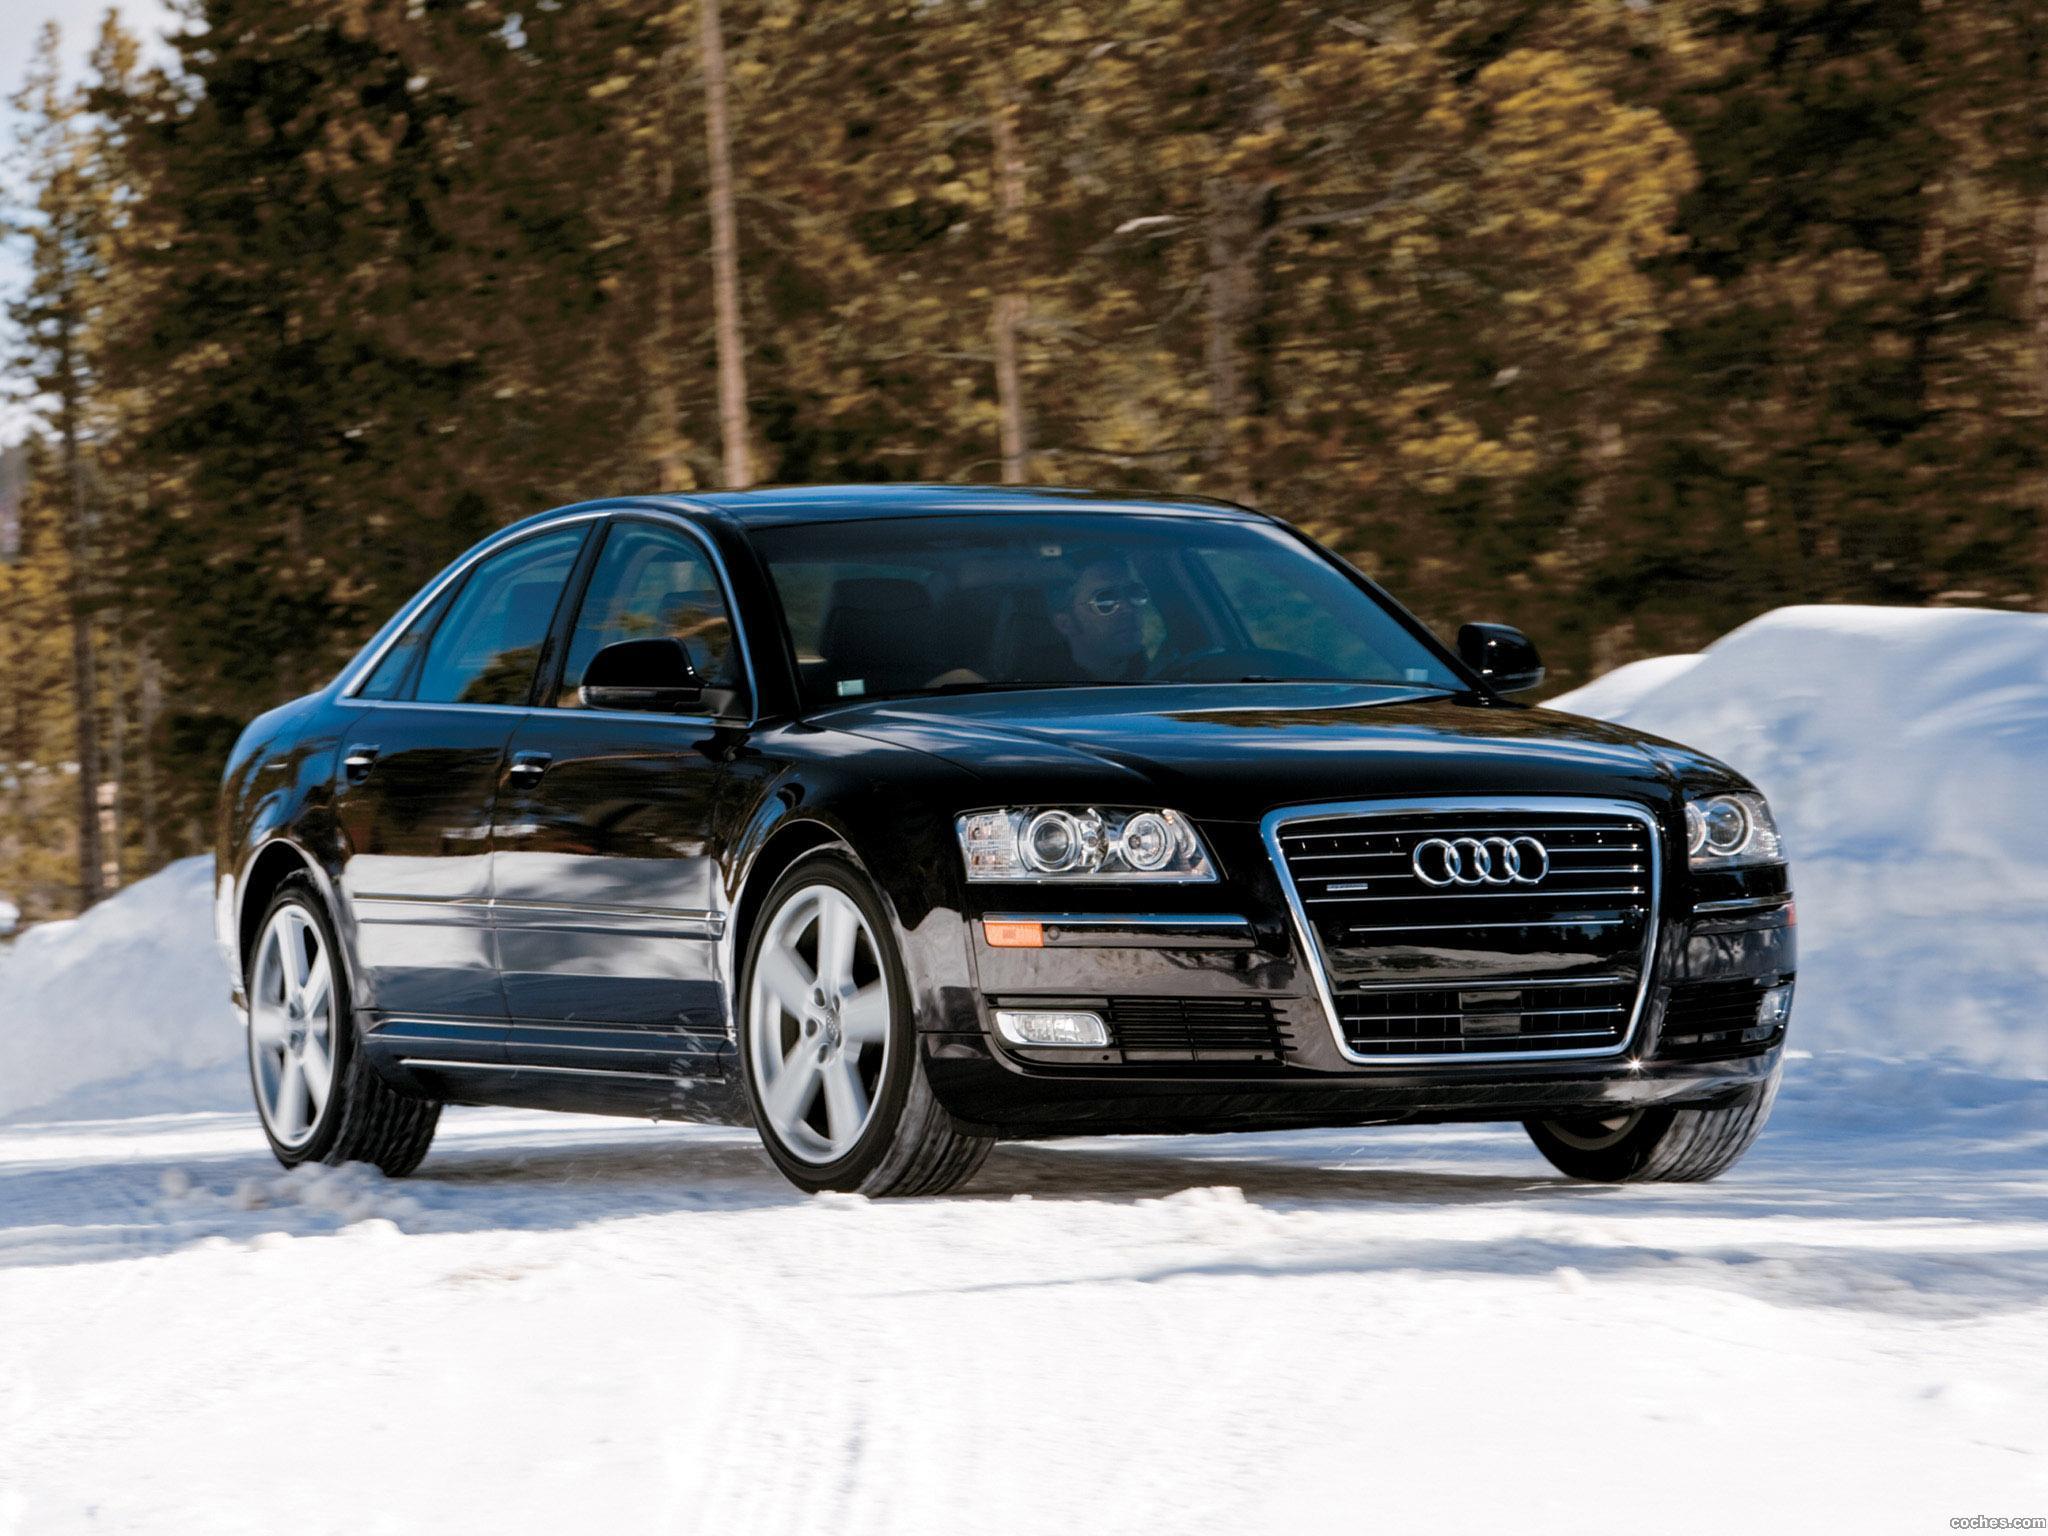 Foto 5 de Audi A8 4.2 Quattro D3 USA 2008